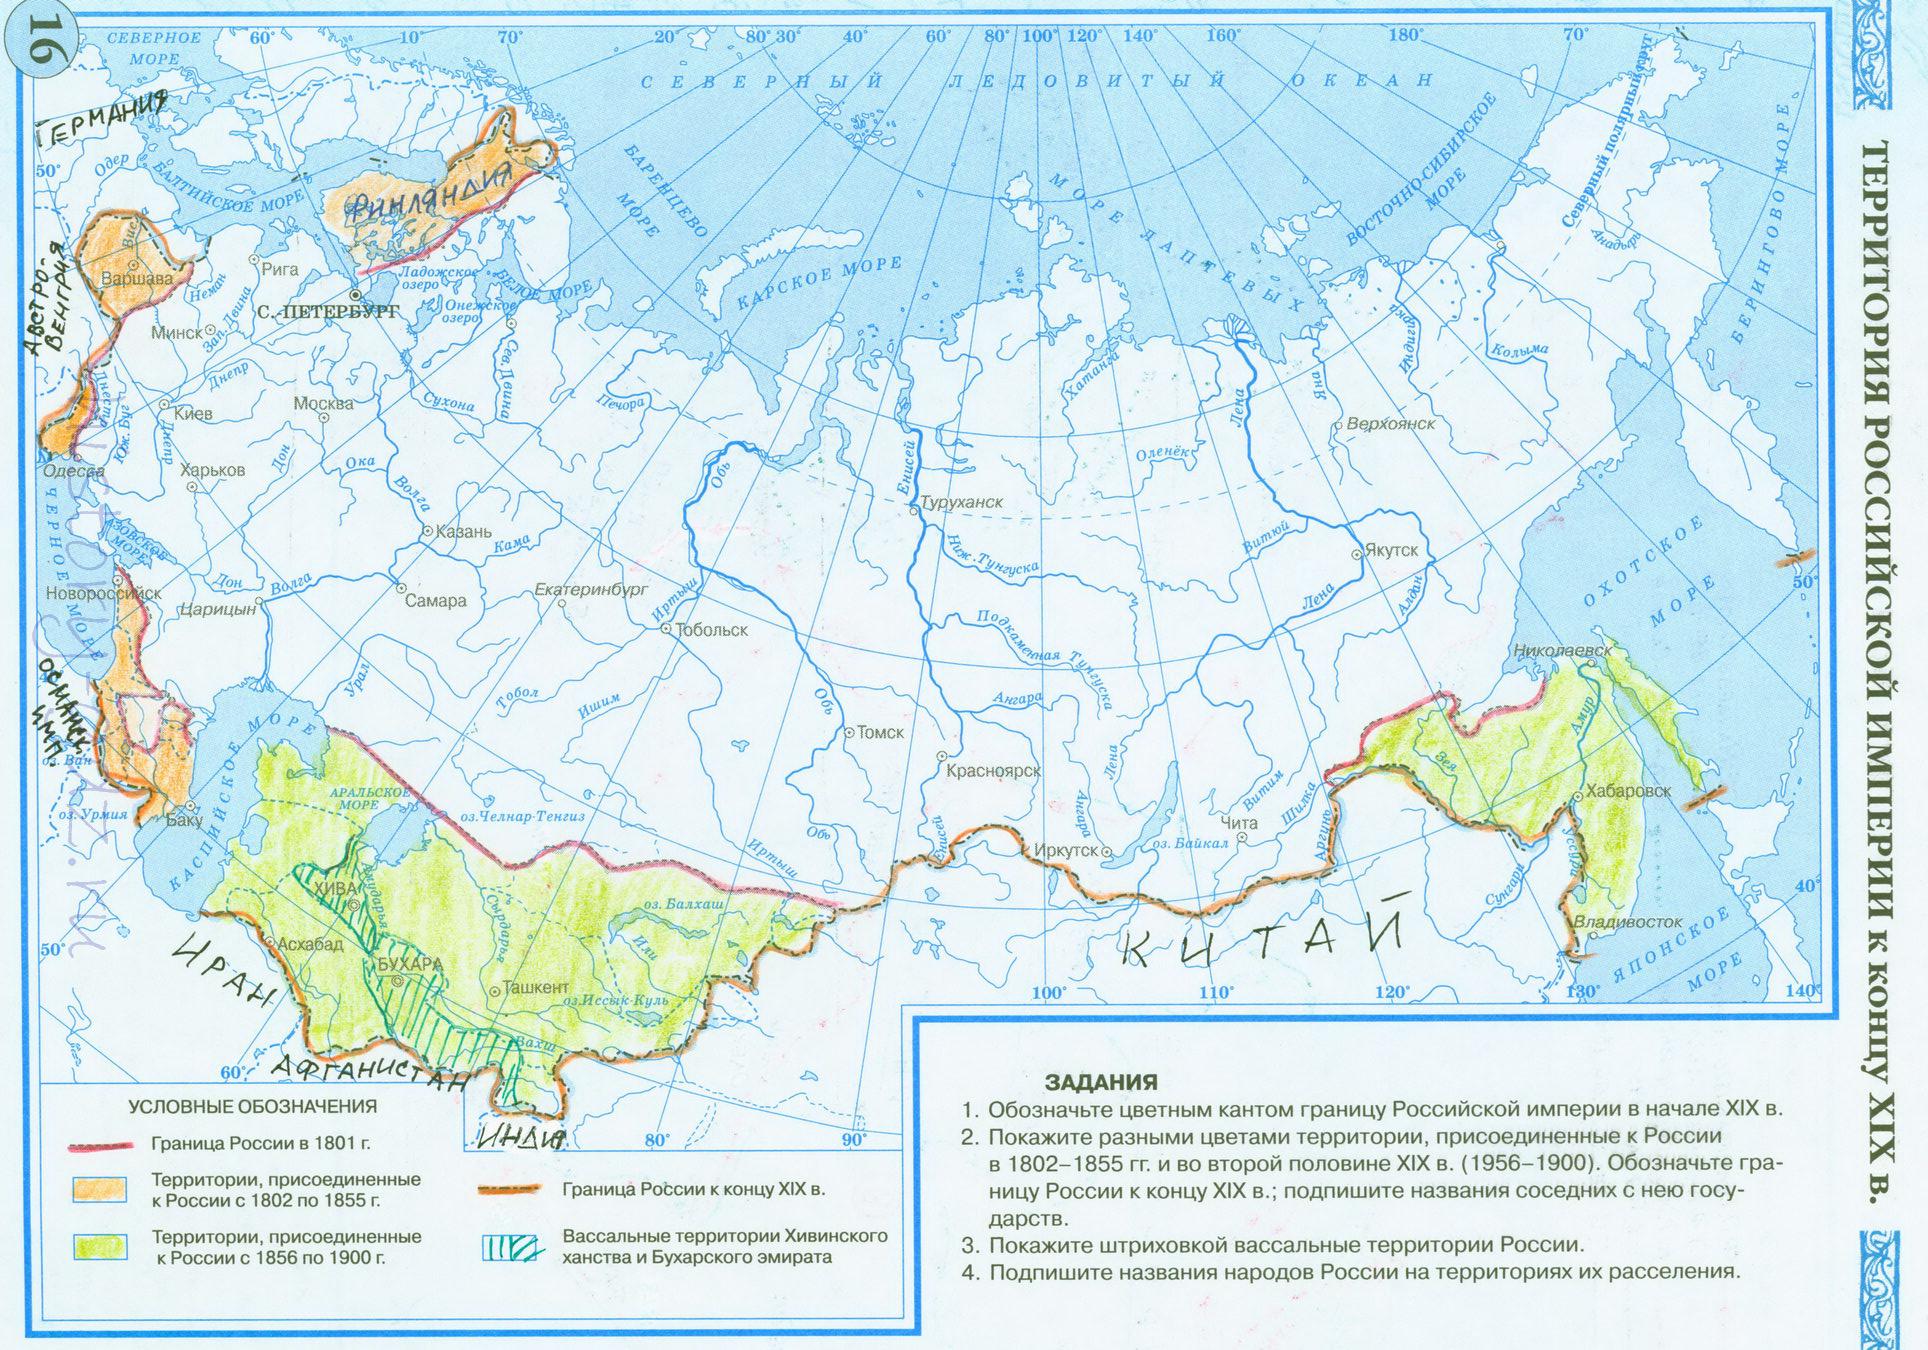 Заполненные контурные карты россии 8-9 класс gjkbnbxtcrfz rfhnf hjccbb